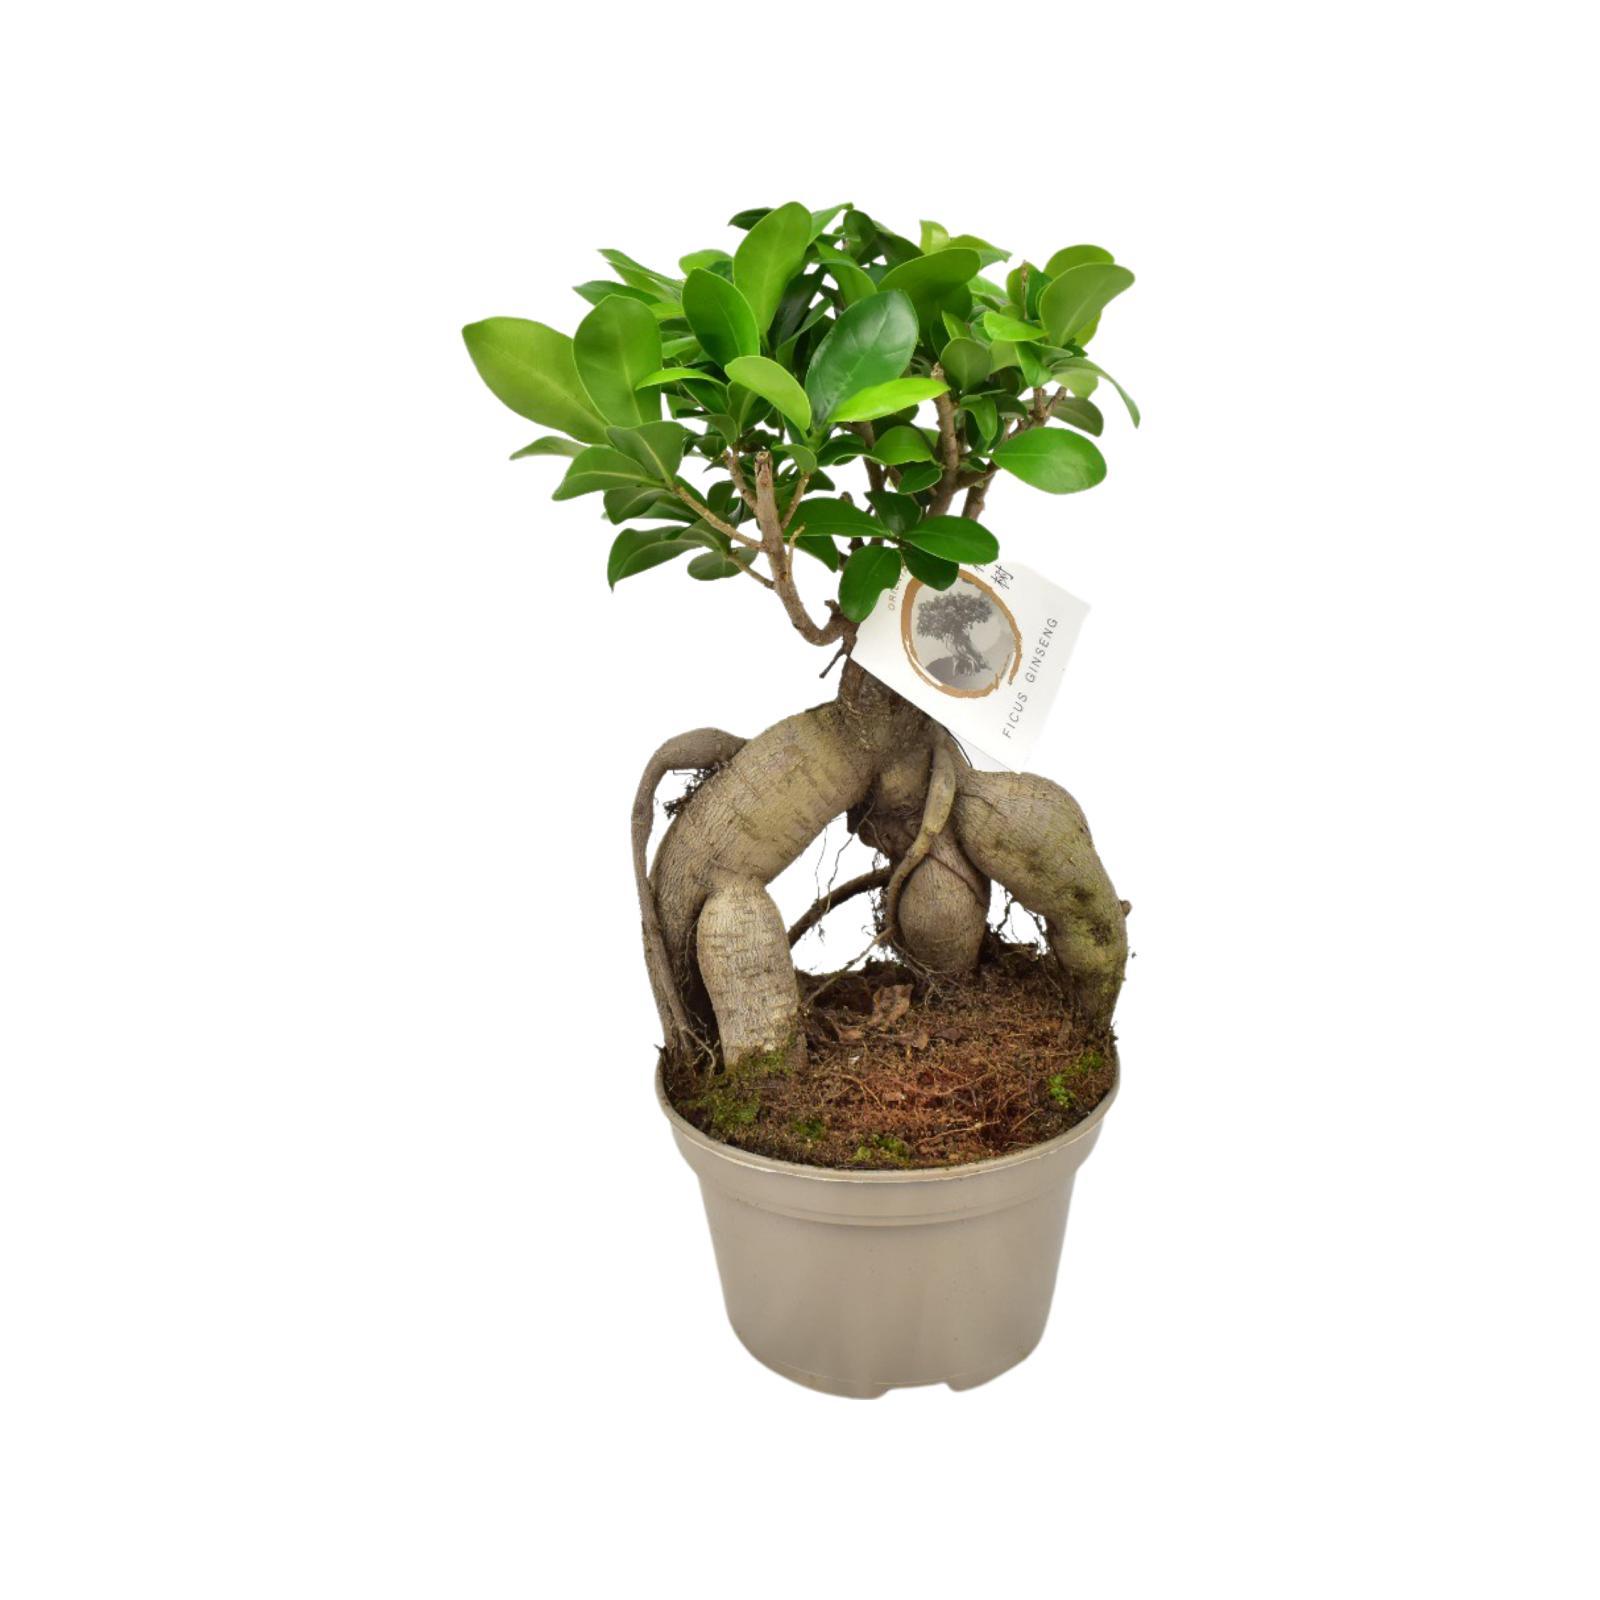 Ficus Ginseng Plants 'Wholesale Plants'